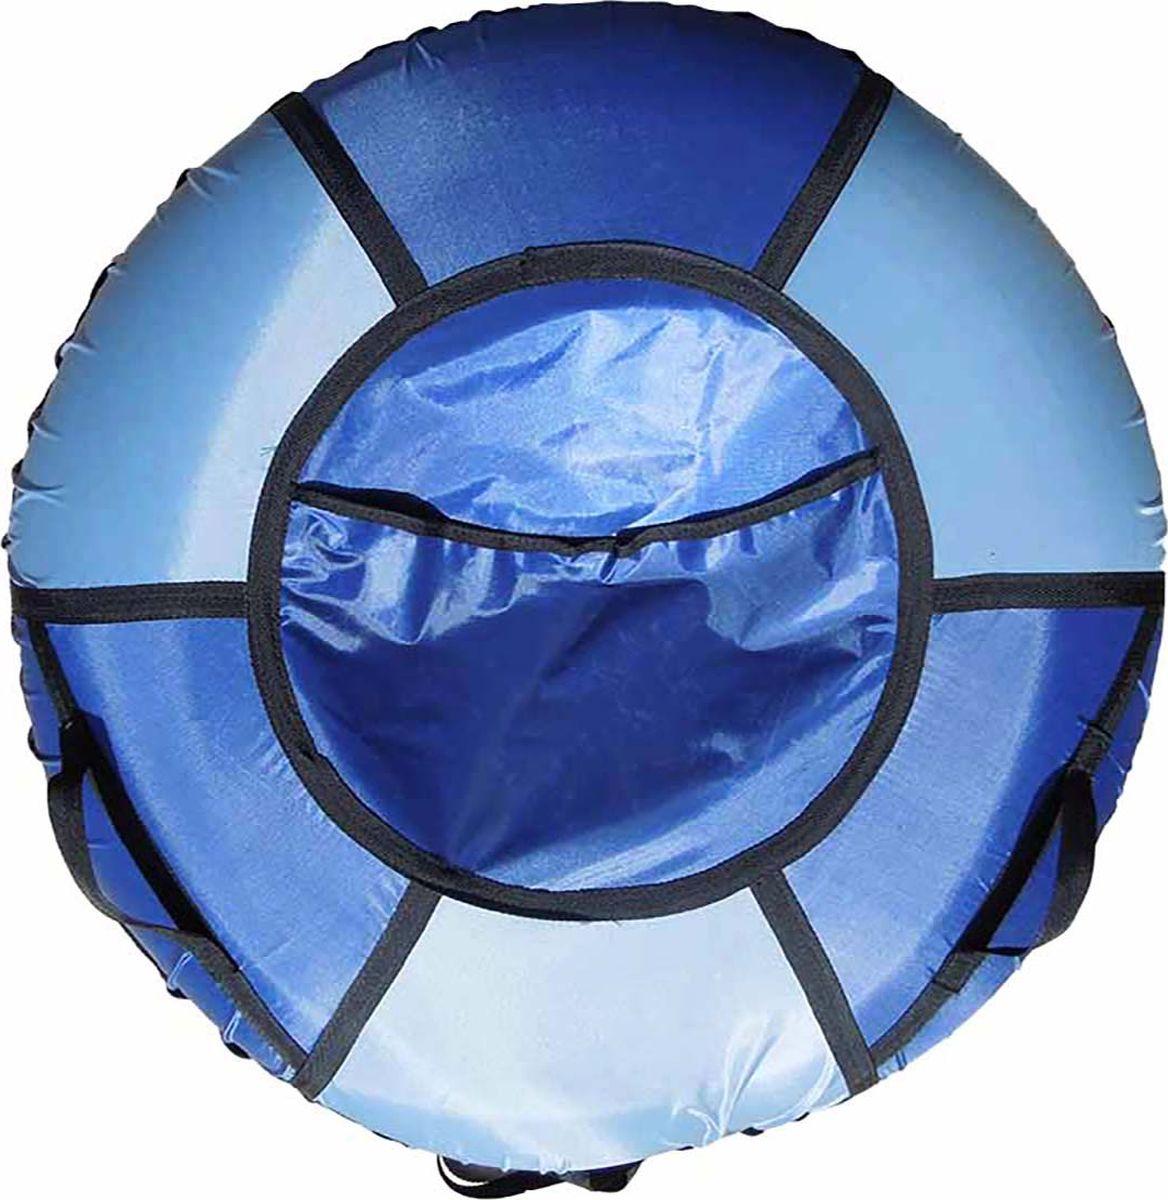 Тюбинг Эх, Прокачу! Профи-6, цвет: серый, синий, 85 смСП85-6-4Качественные бюджетные санки-ватрушки для катания по снегу из 6 секций * размеры указаны в надутом состоянии * дно изготовлено из ткани ПВХ 630г/м2 * верх изготовлен из ткани ПВХ 630гр/м2 * камера российского производства * буксировочный ремень * морозоустойчивость -45 * допускается деформация формы санок из-за неравномерности надутия камеры